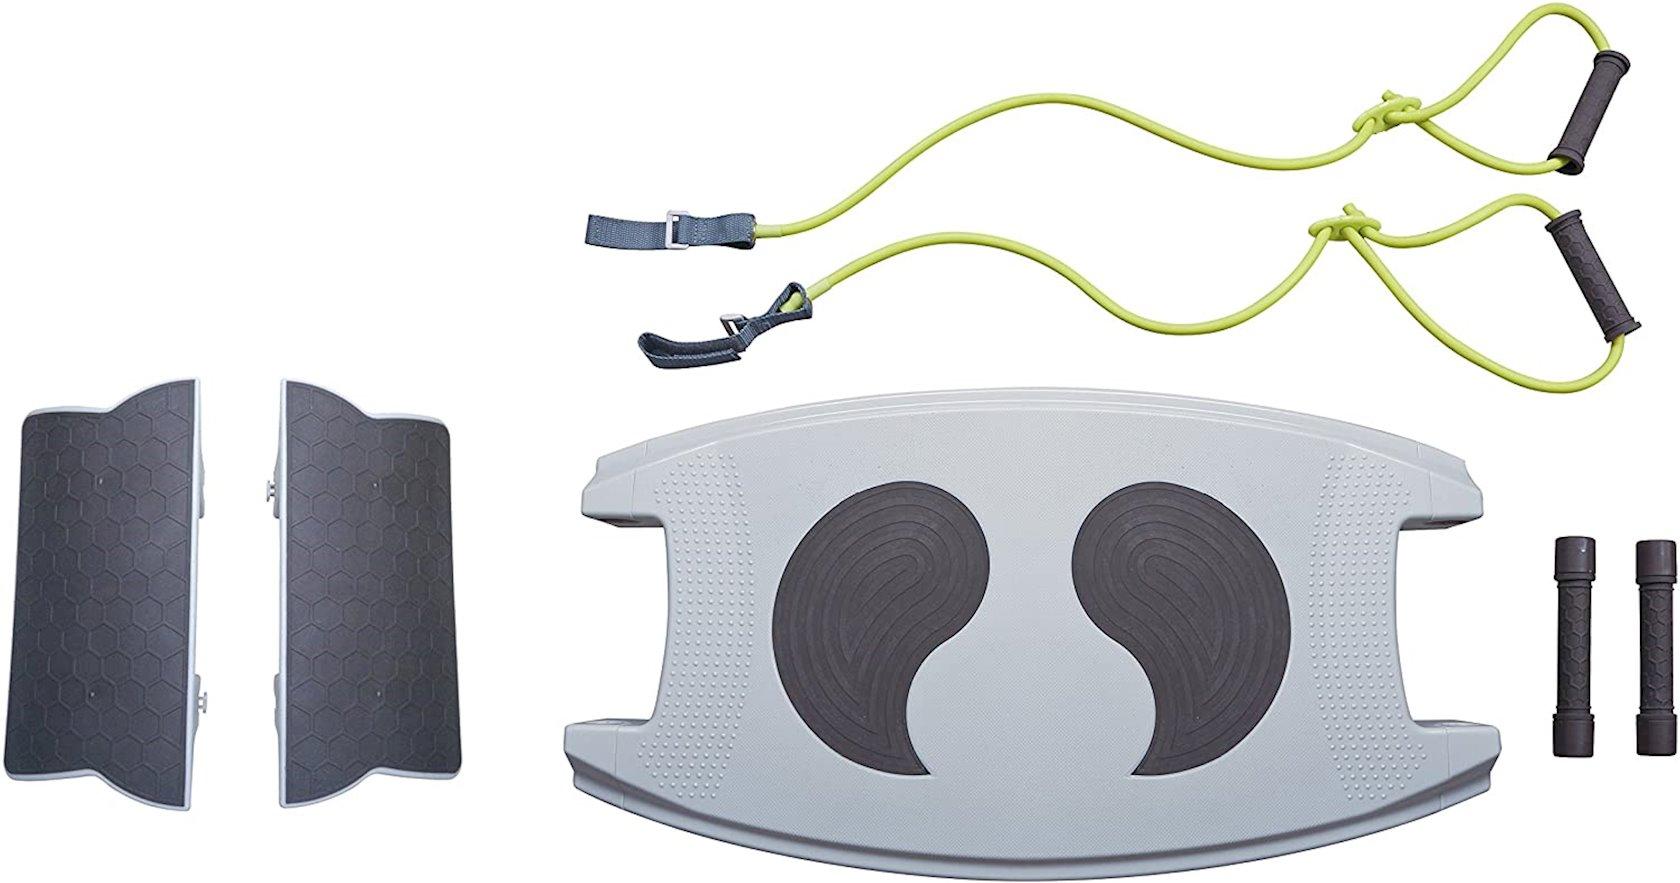 Step-platforma Body Sculpture Unisex's 18-in-1 Gym Worker,  DVD və daşıma çantası ilə, boz/yaşıl